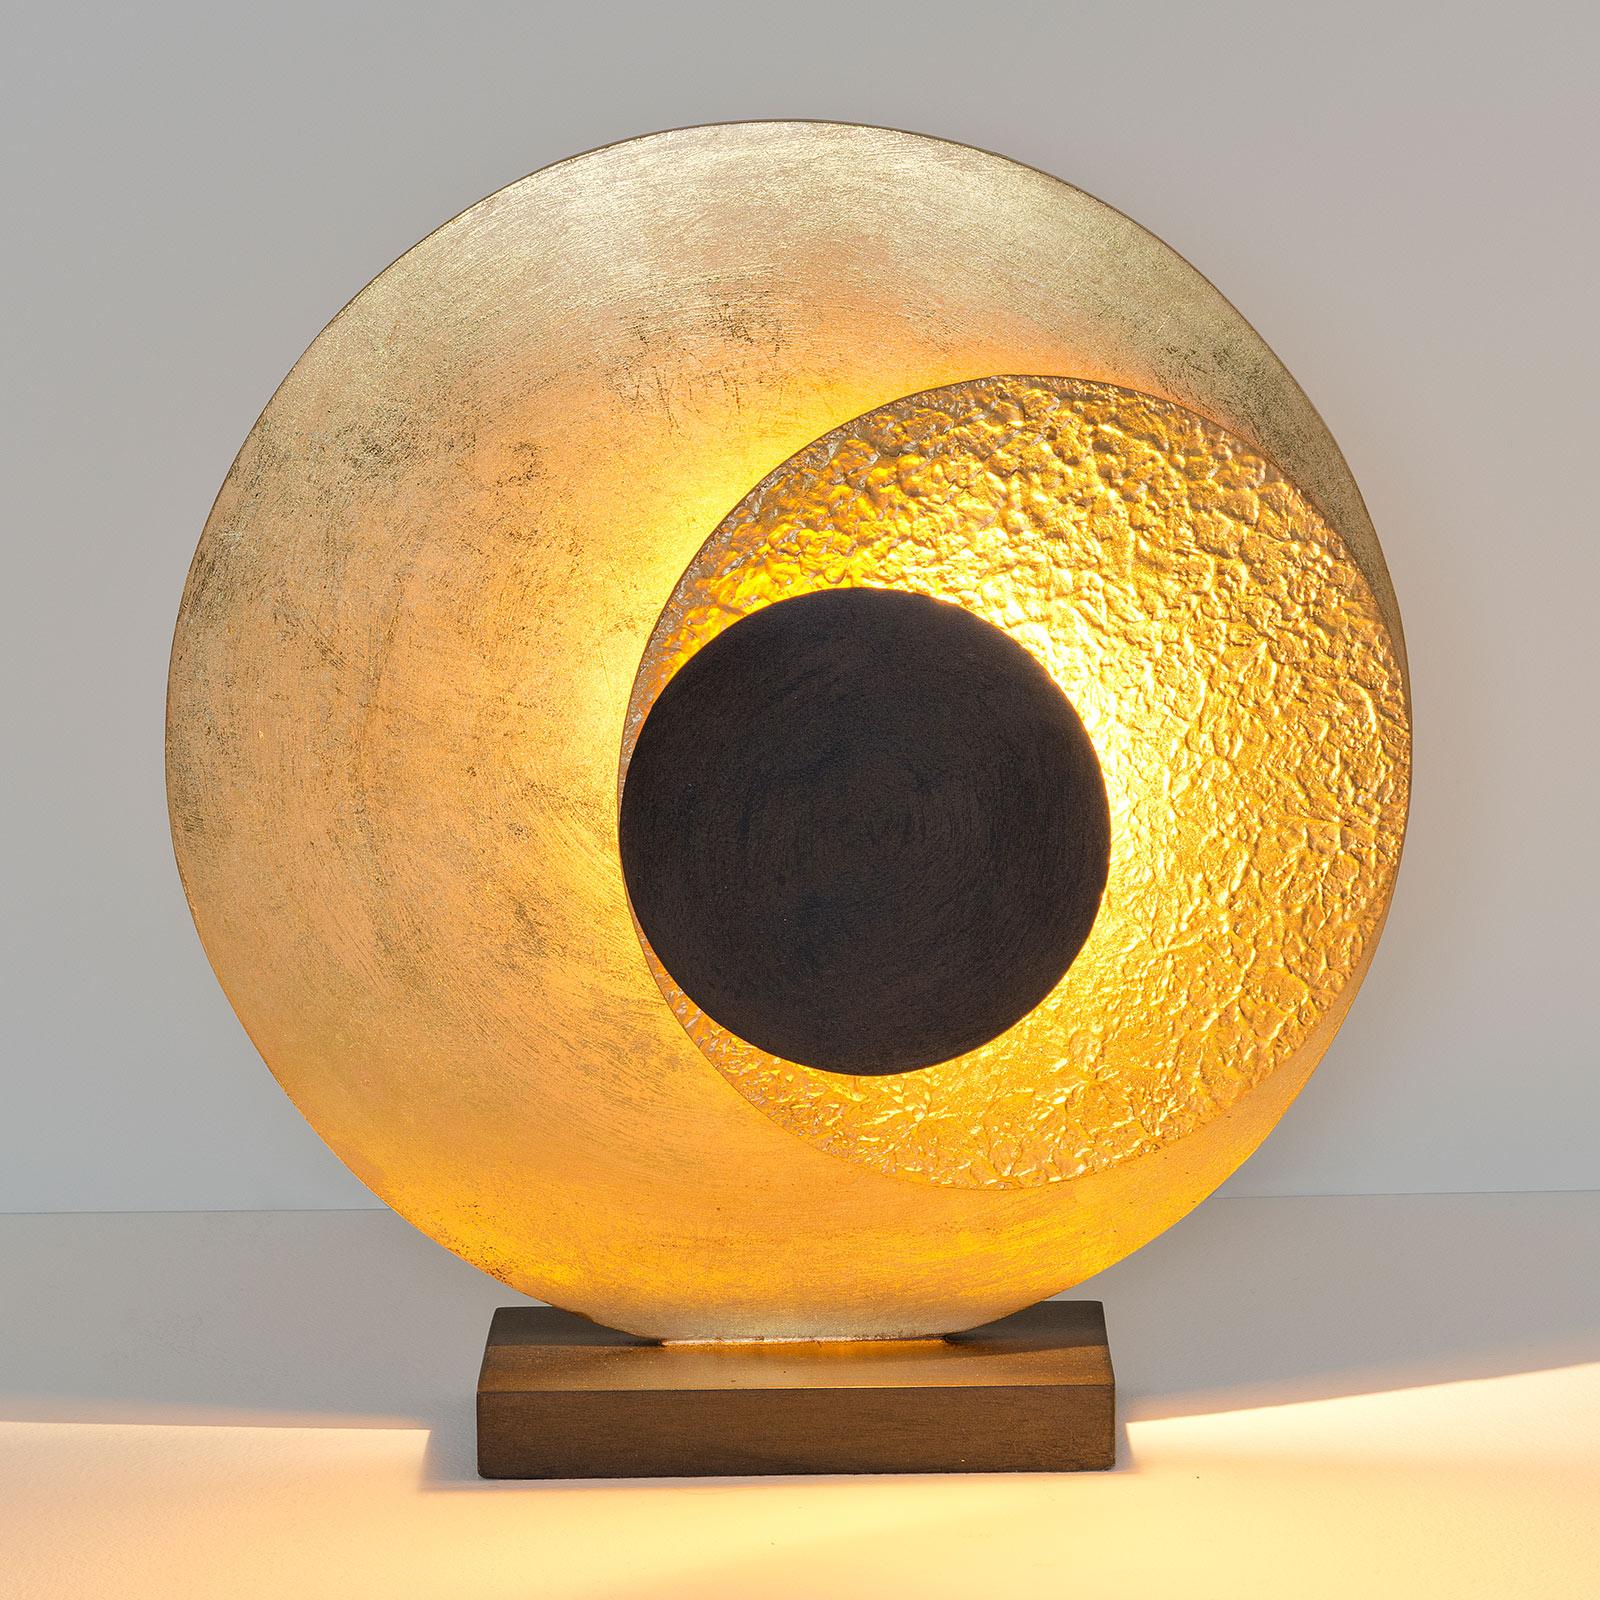 LED-bordslampa La Bocca, höjd 43 cm, guldbrun